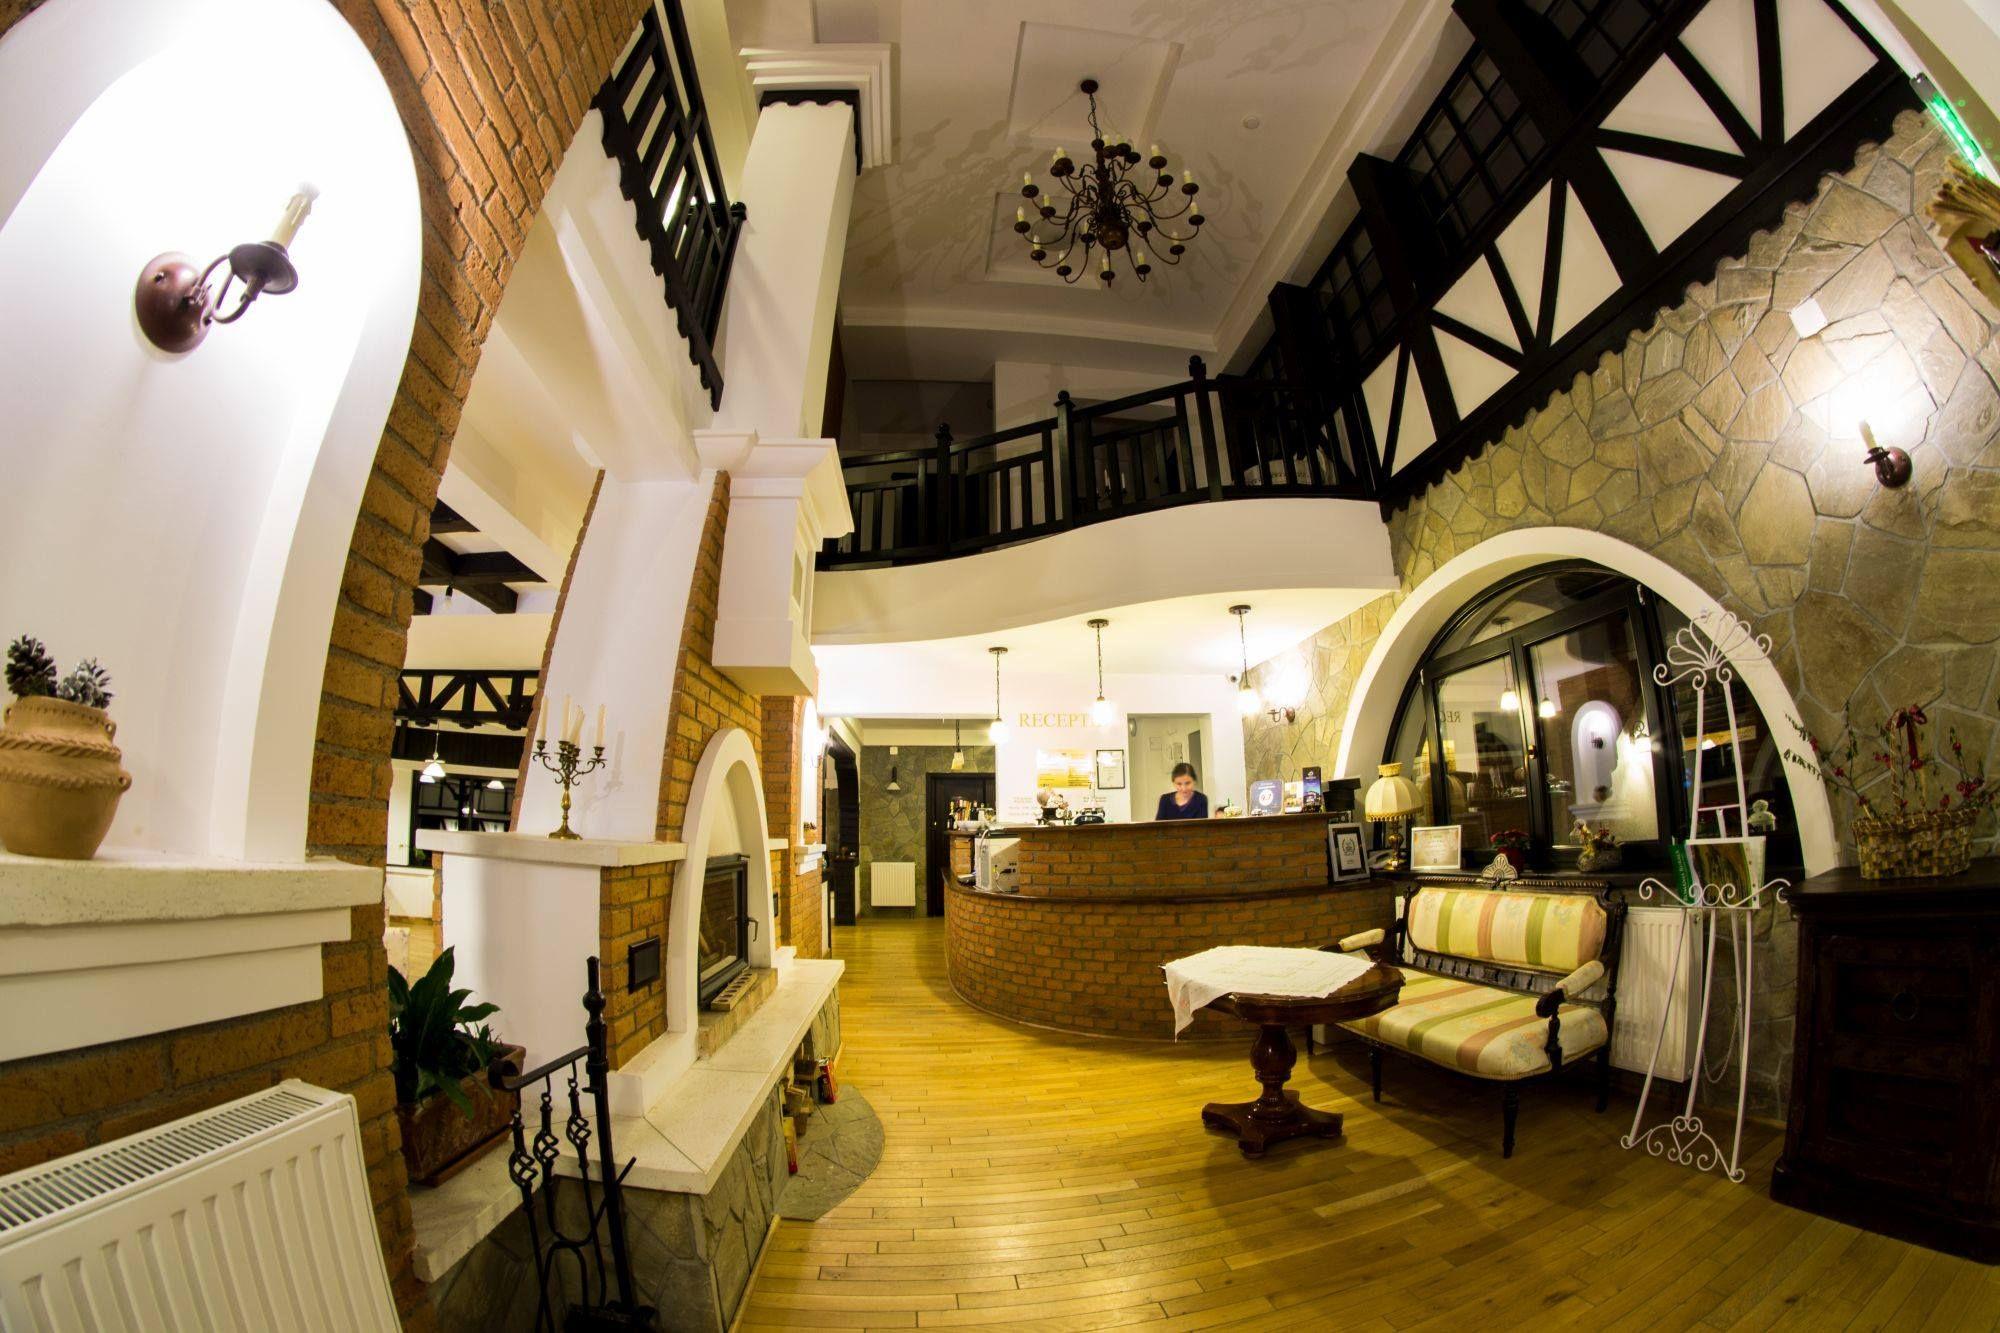 bran romania boutique hotel interior design bratescu mansion lounge - Traditional Hotel Interior